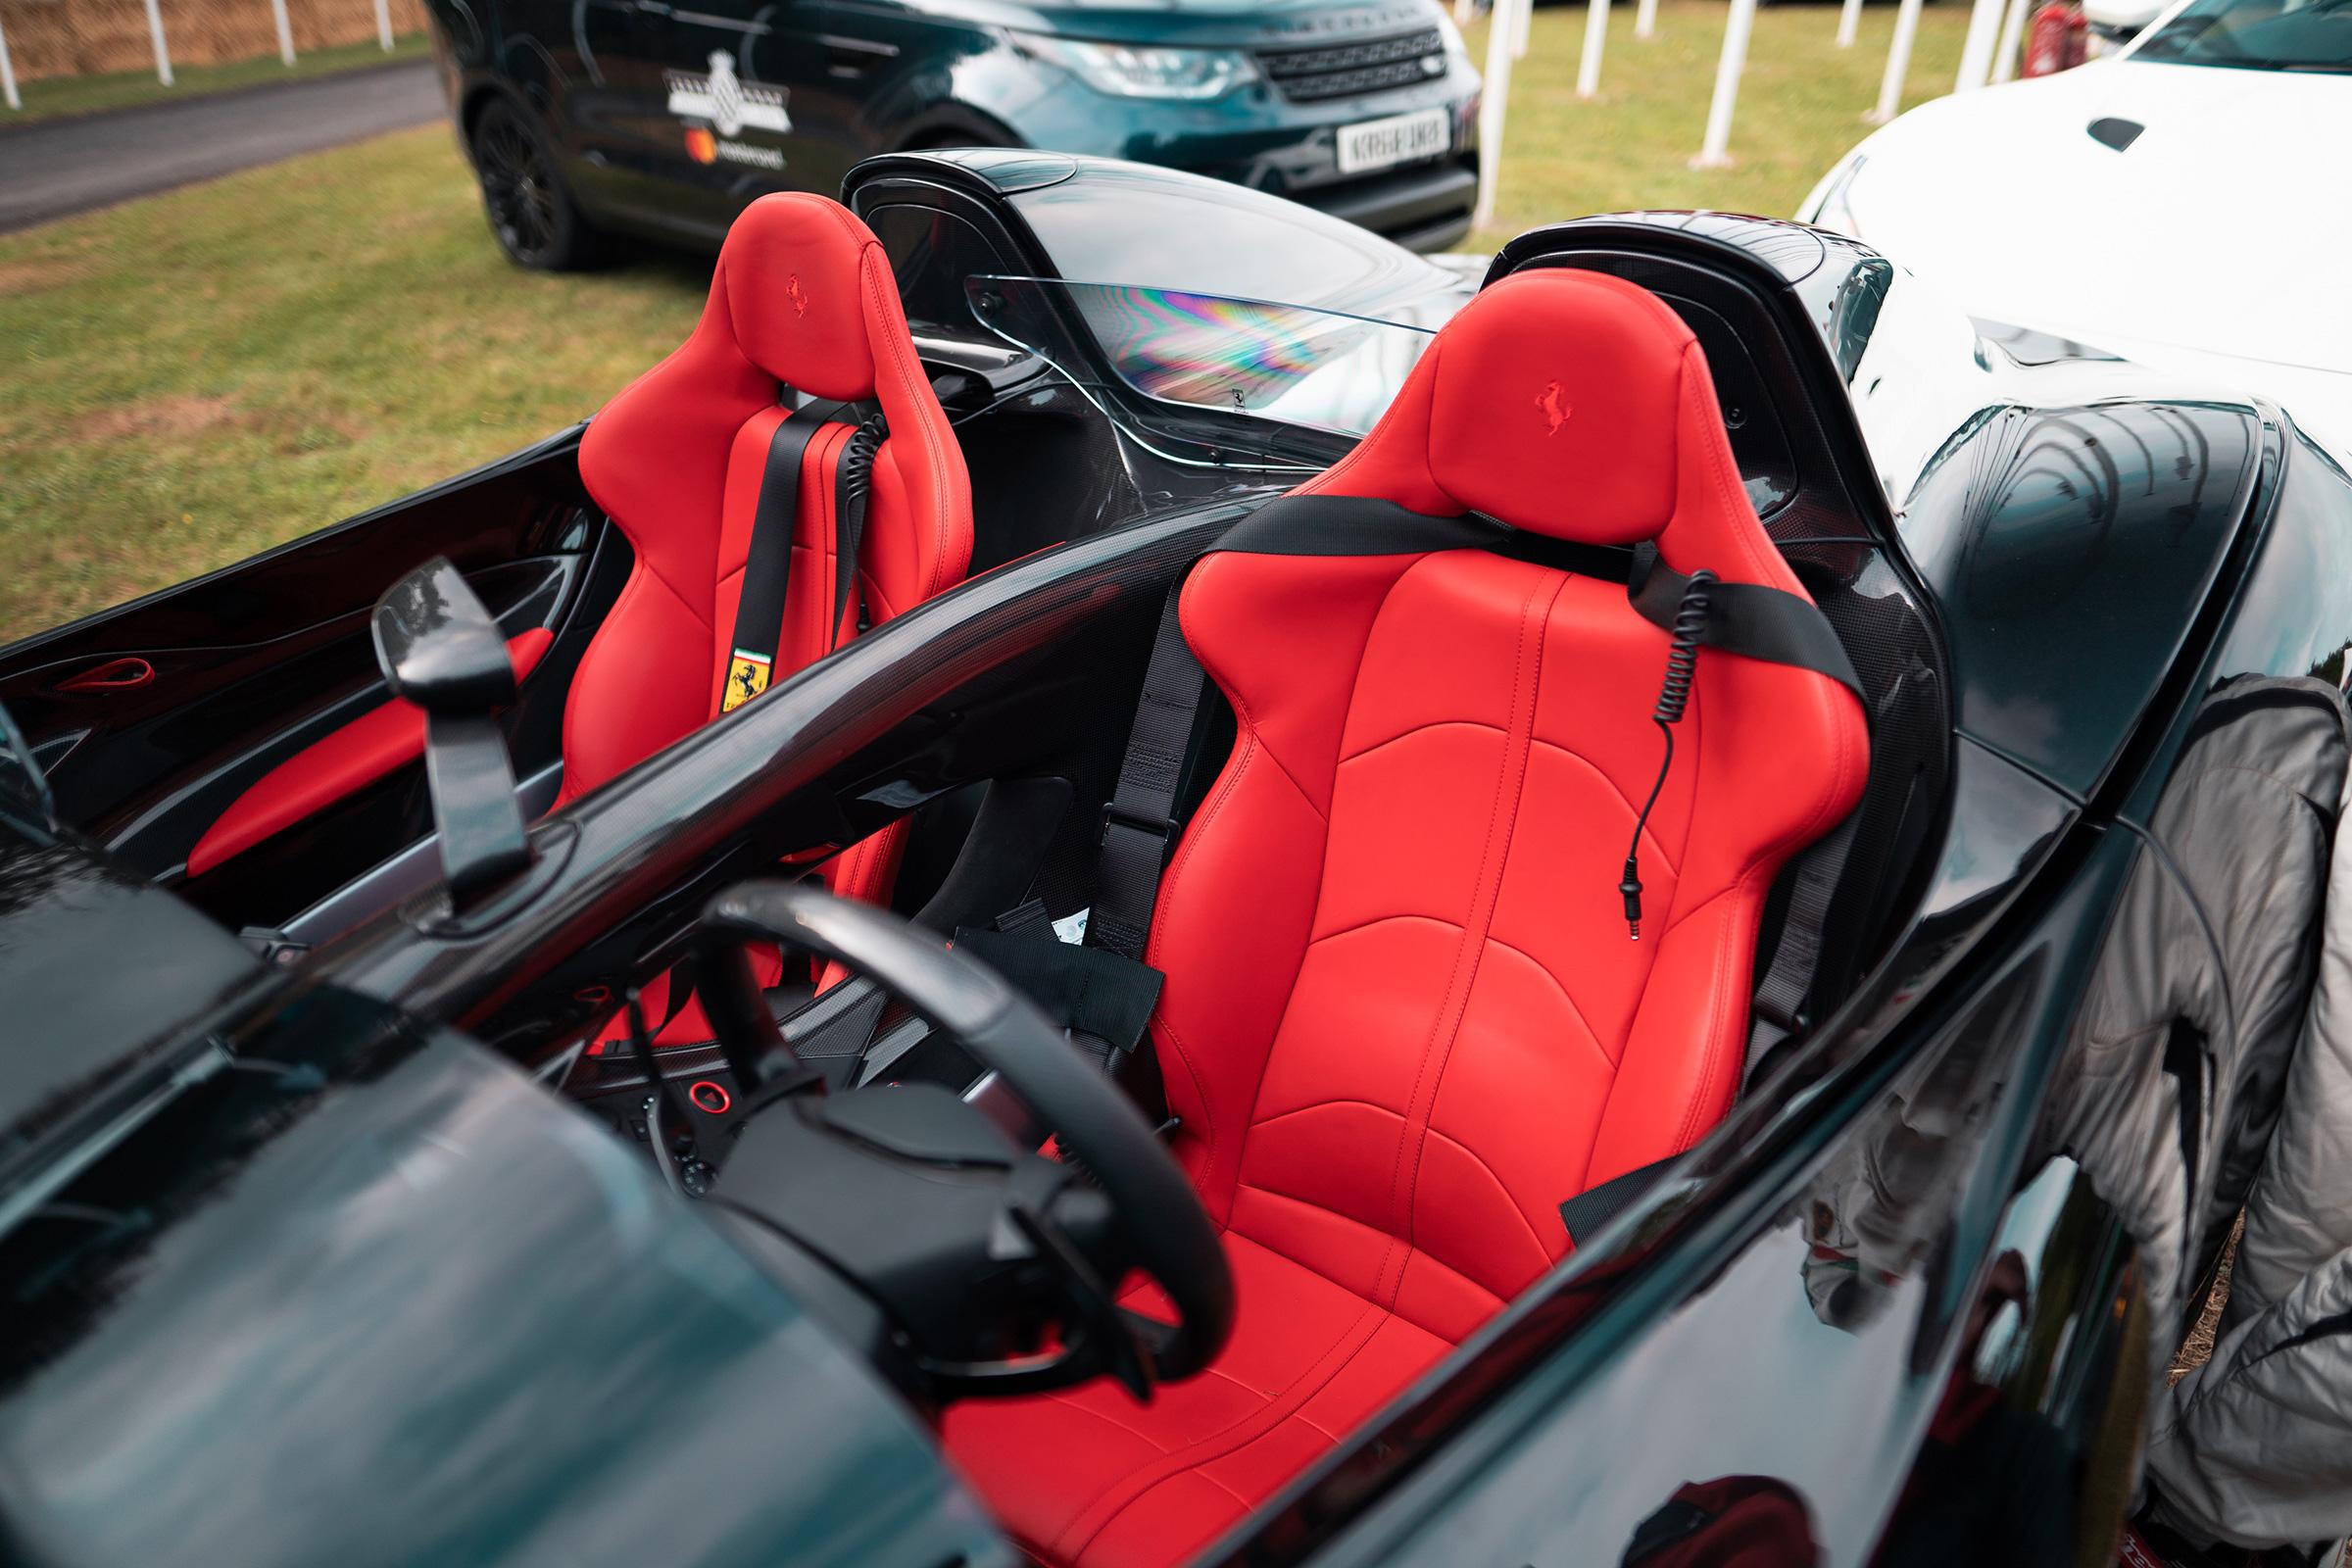 Ferrari Monza Sp1 Sp2 Pictures Evo